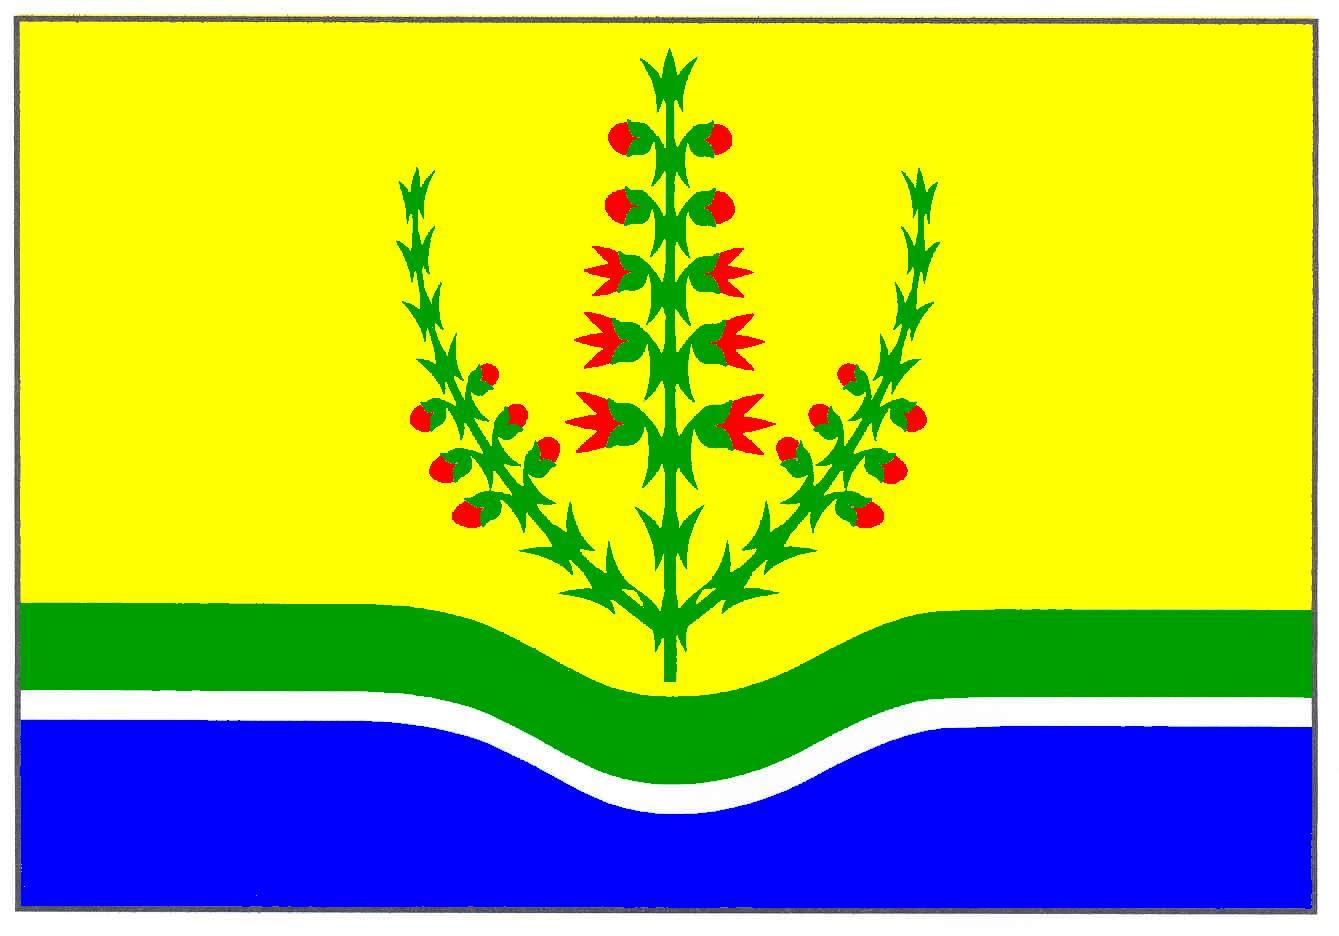 Flagge GemeindeGöhl, Kreis Ostholstein